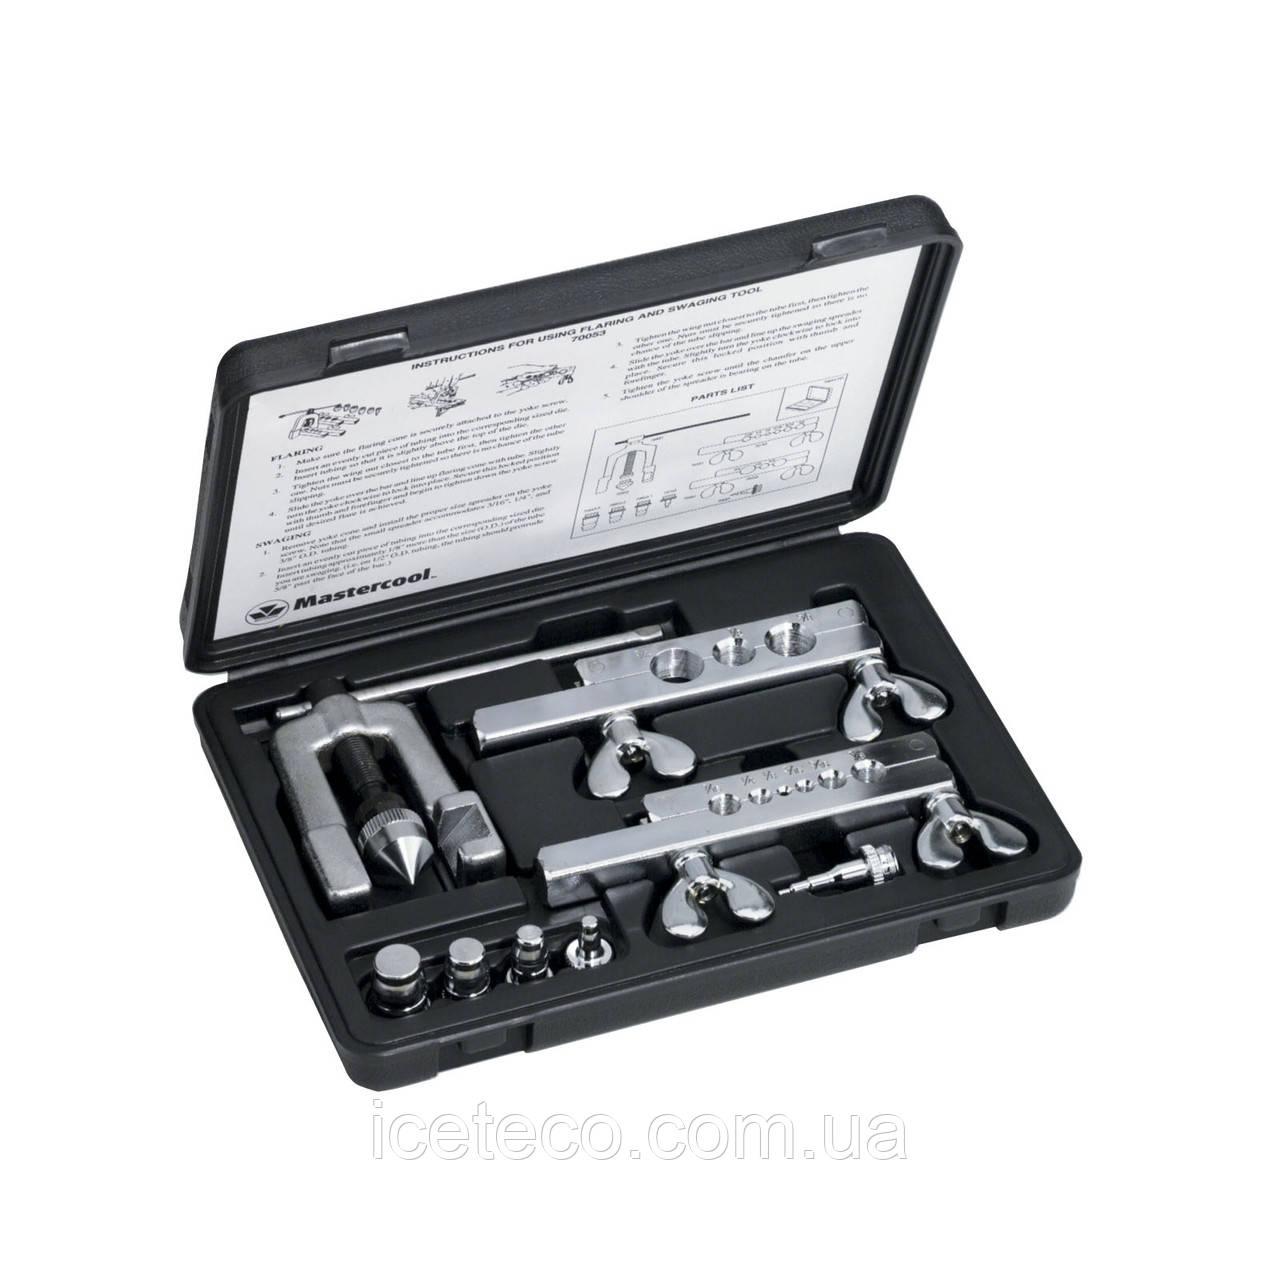 Вальцовочный комплект (разбортовка) МС 70053 Mastercool